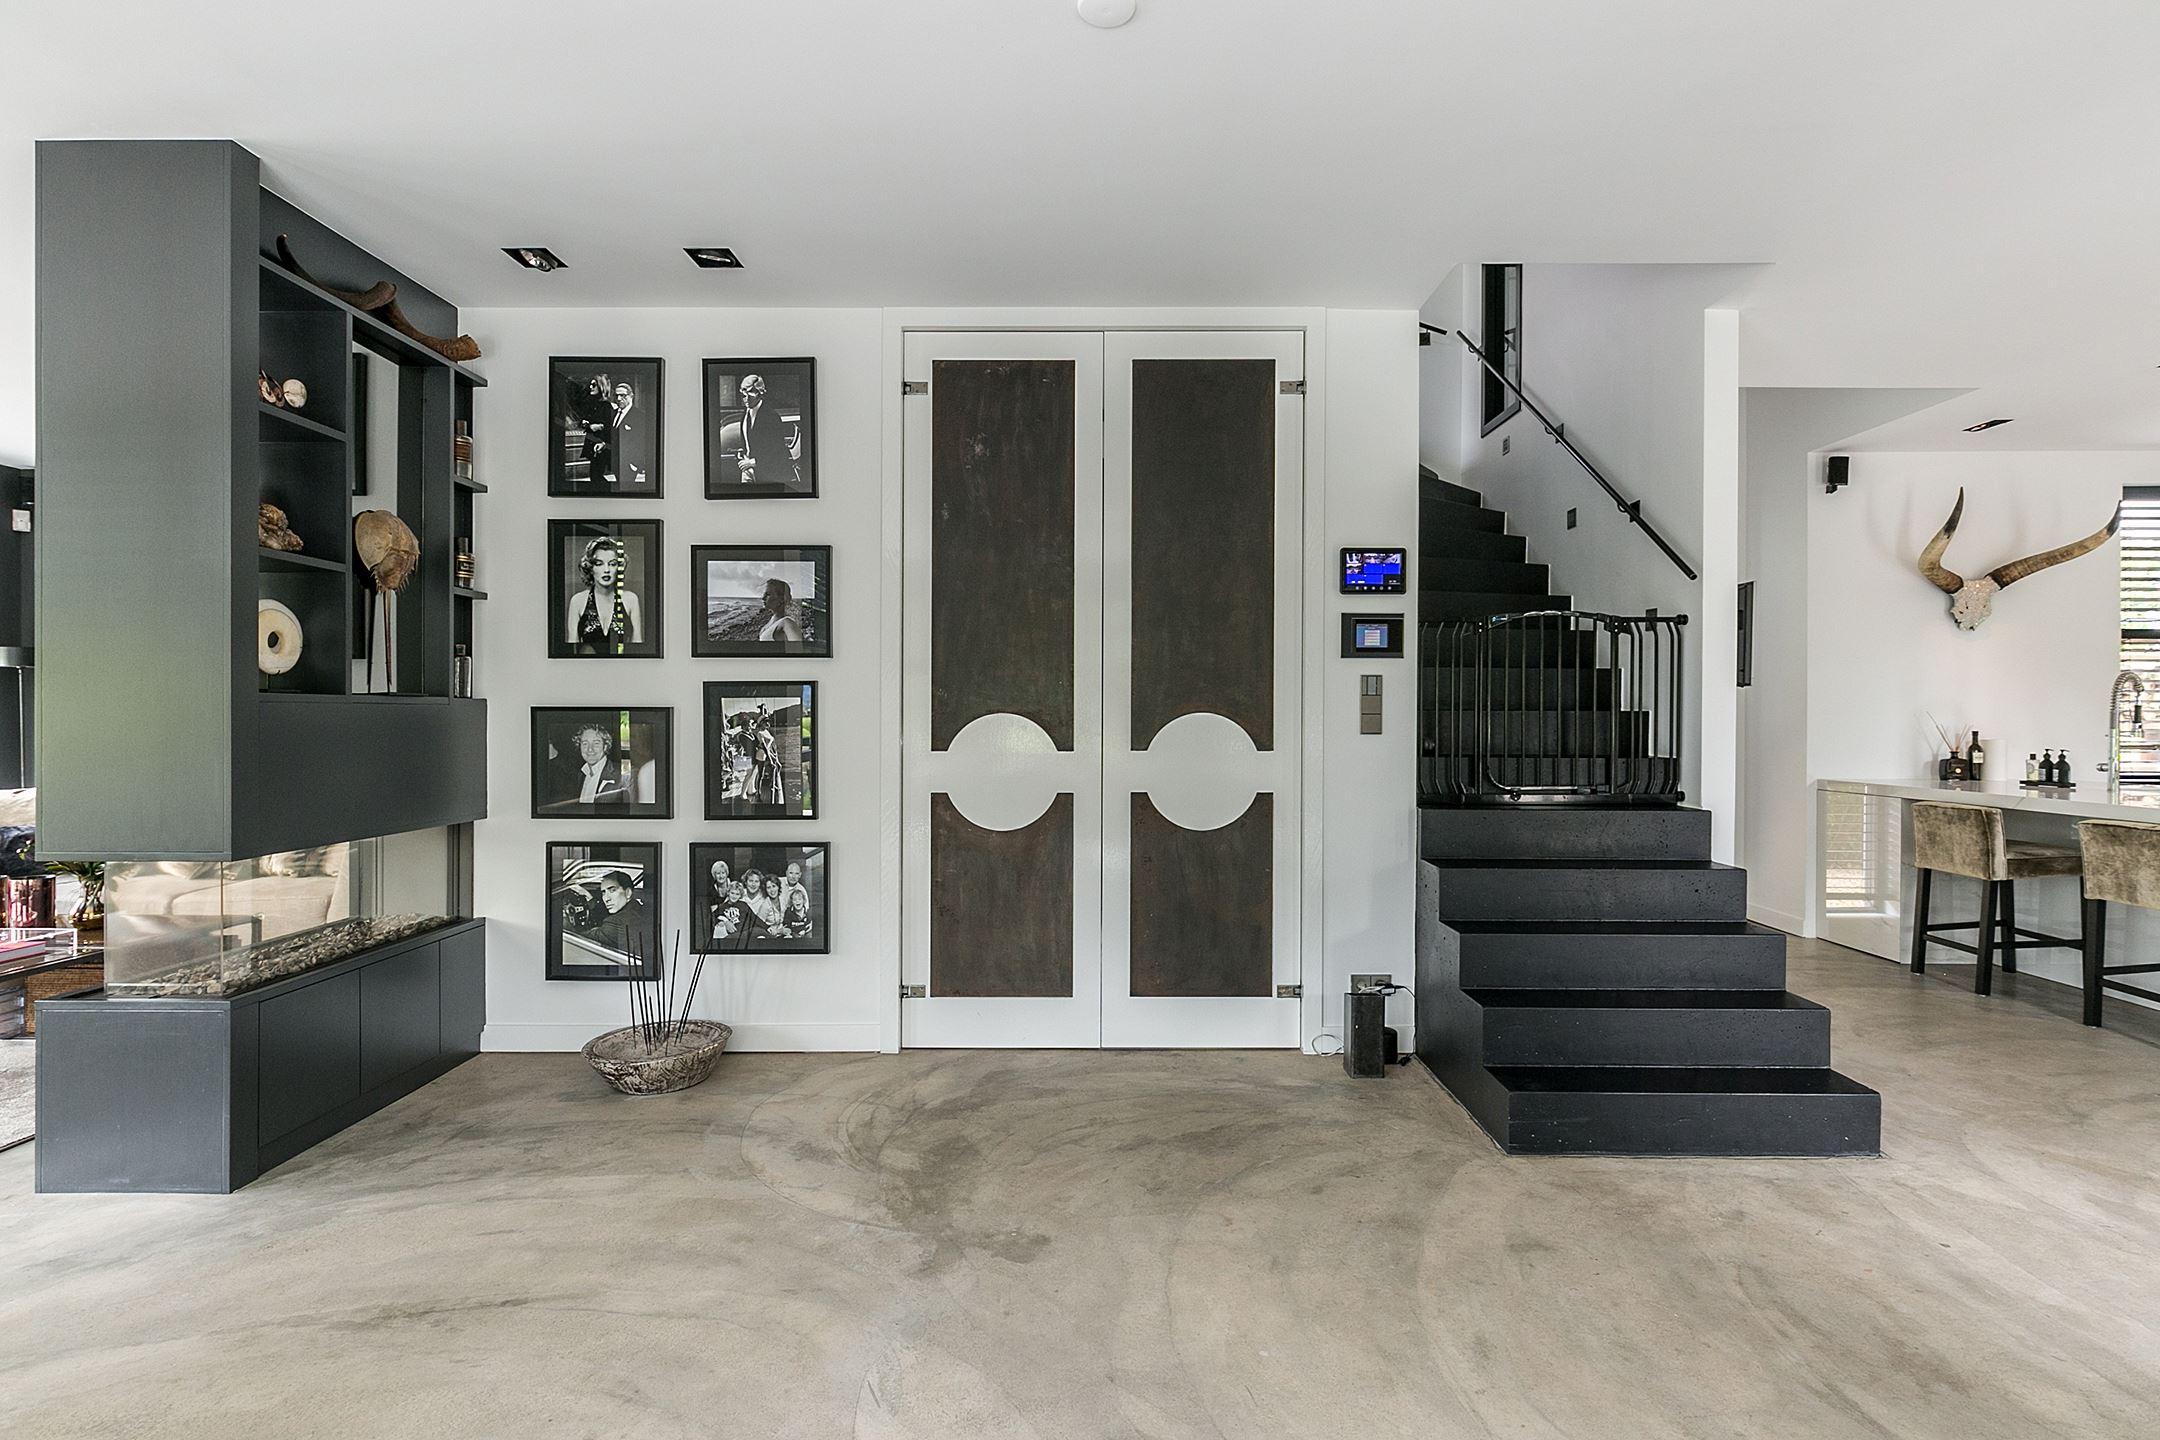 холл стена картины двери лестница